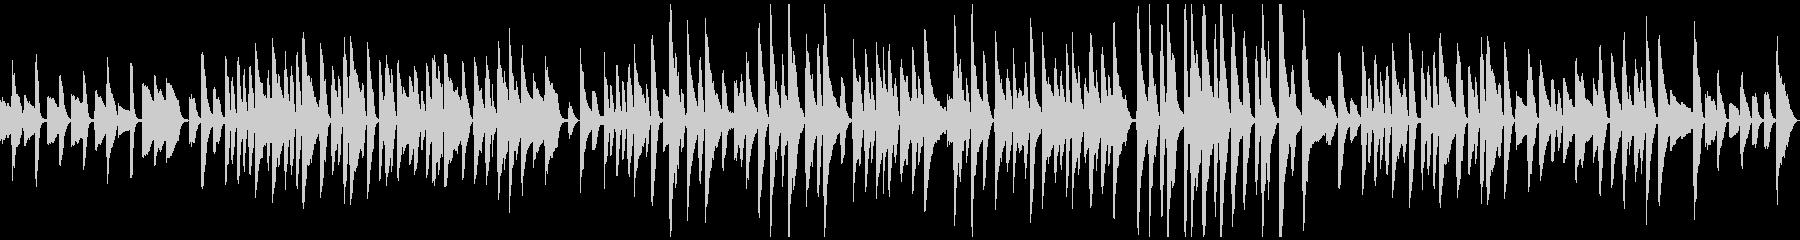 ゆったり軽やかピアノソロラグタイムの未再生の波形